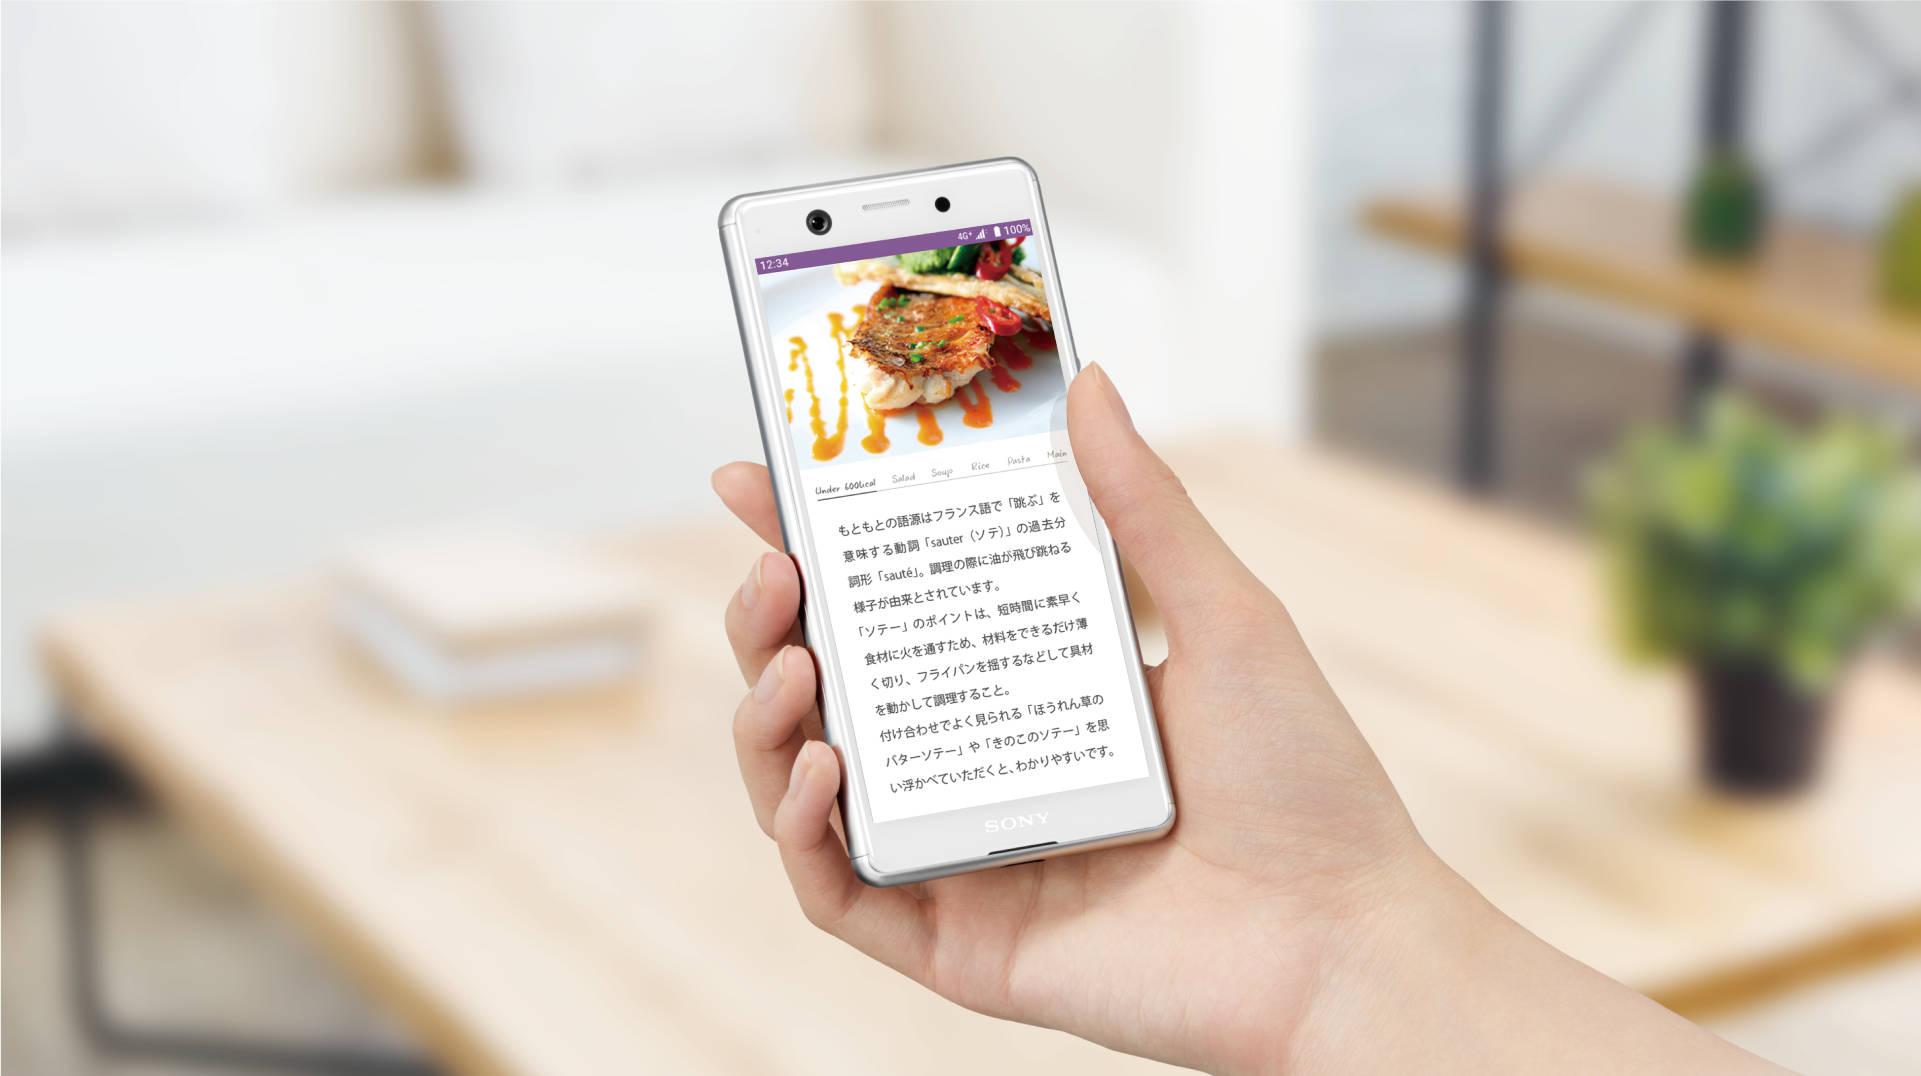 Sony Xperia Ace cena XZ4 Compact gdzie kupić najtaniej w Polsce premiera specyfikacja techniczna opinie Android 10 dla Xperia 1 5 XZ2 Compact Premium XZ3